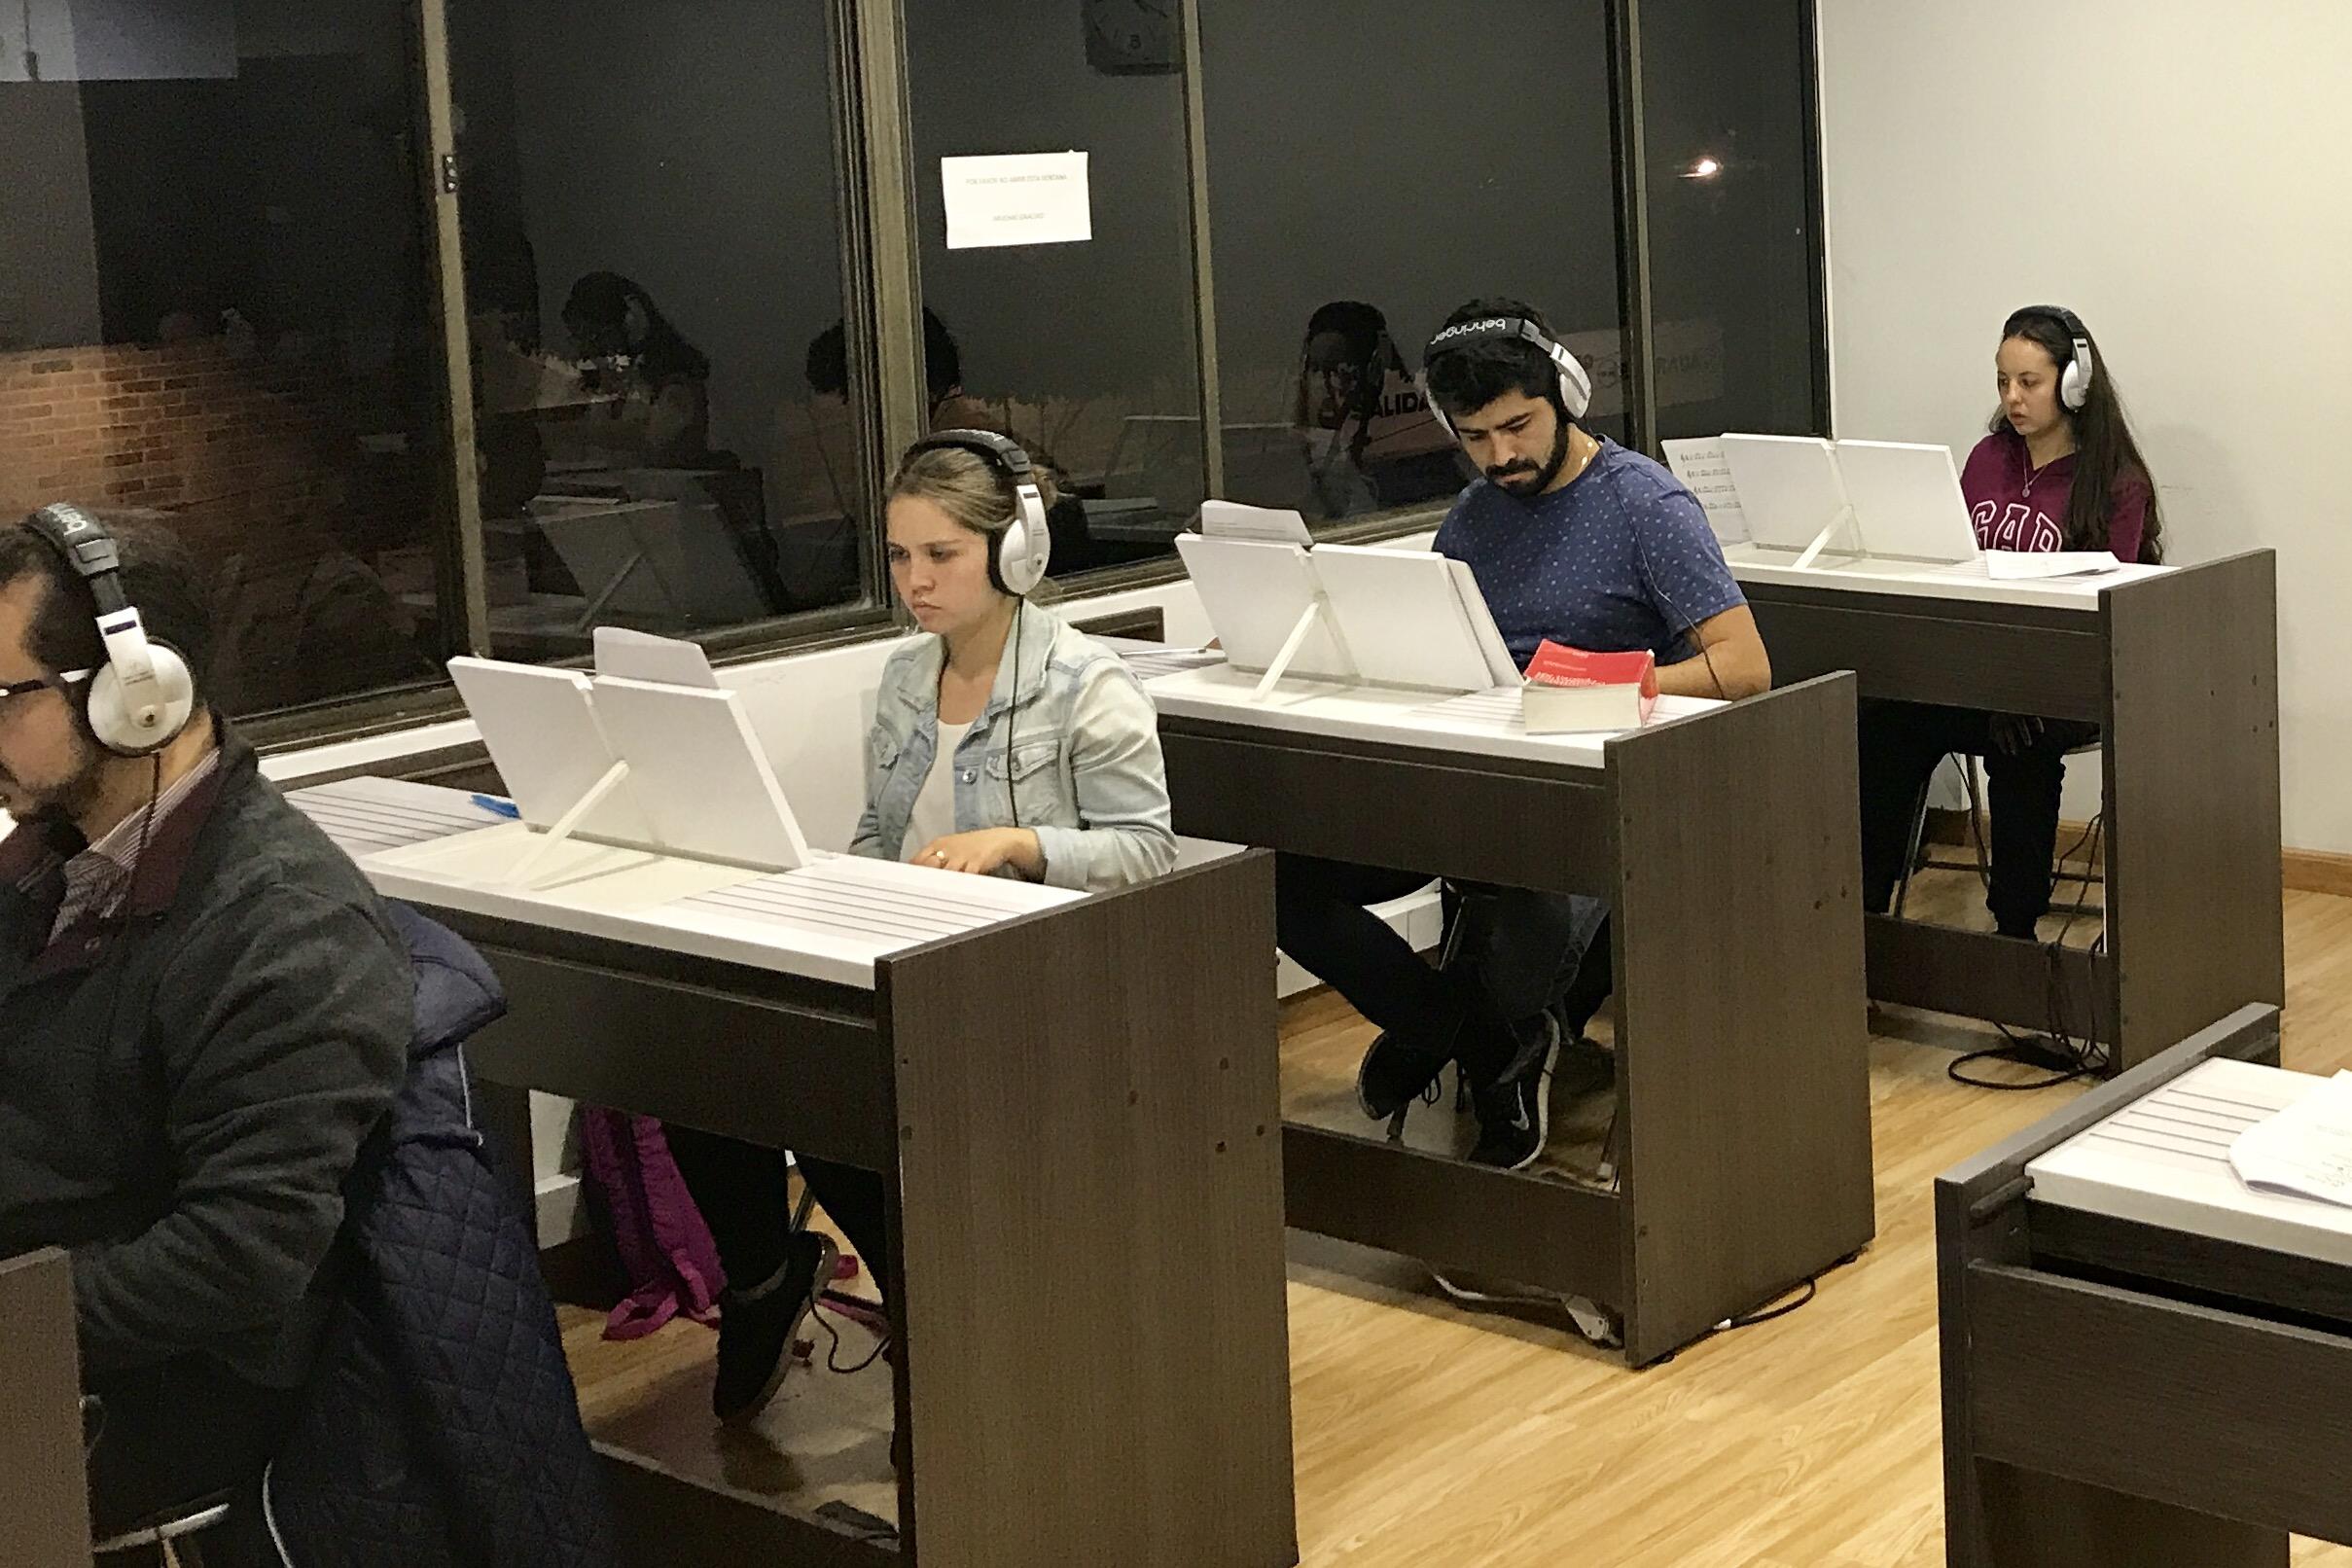 estudiantes de música frente a teclados en academia musical TUTEMPO